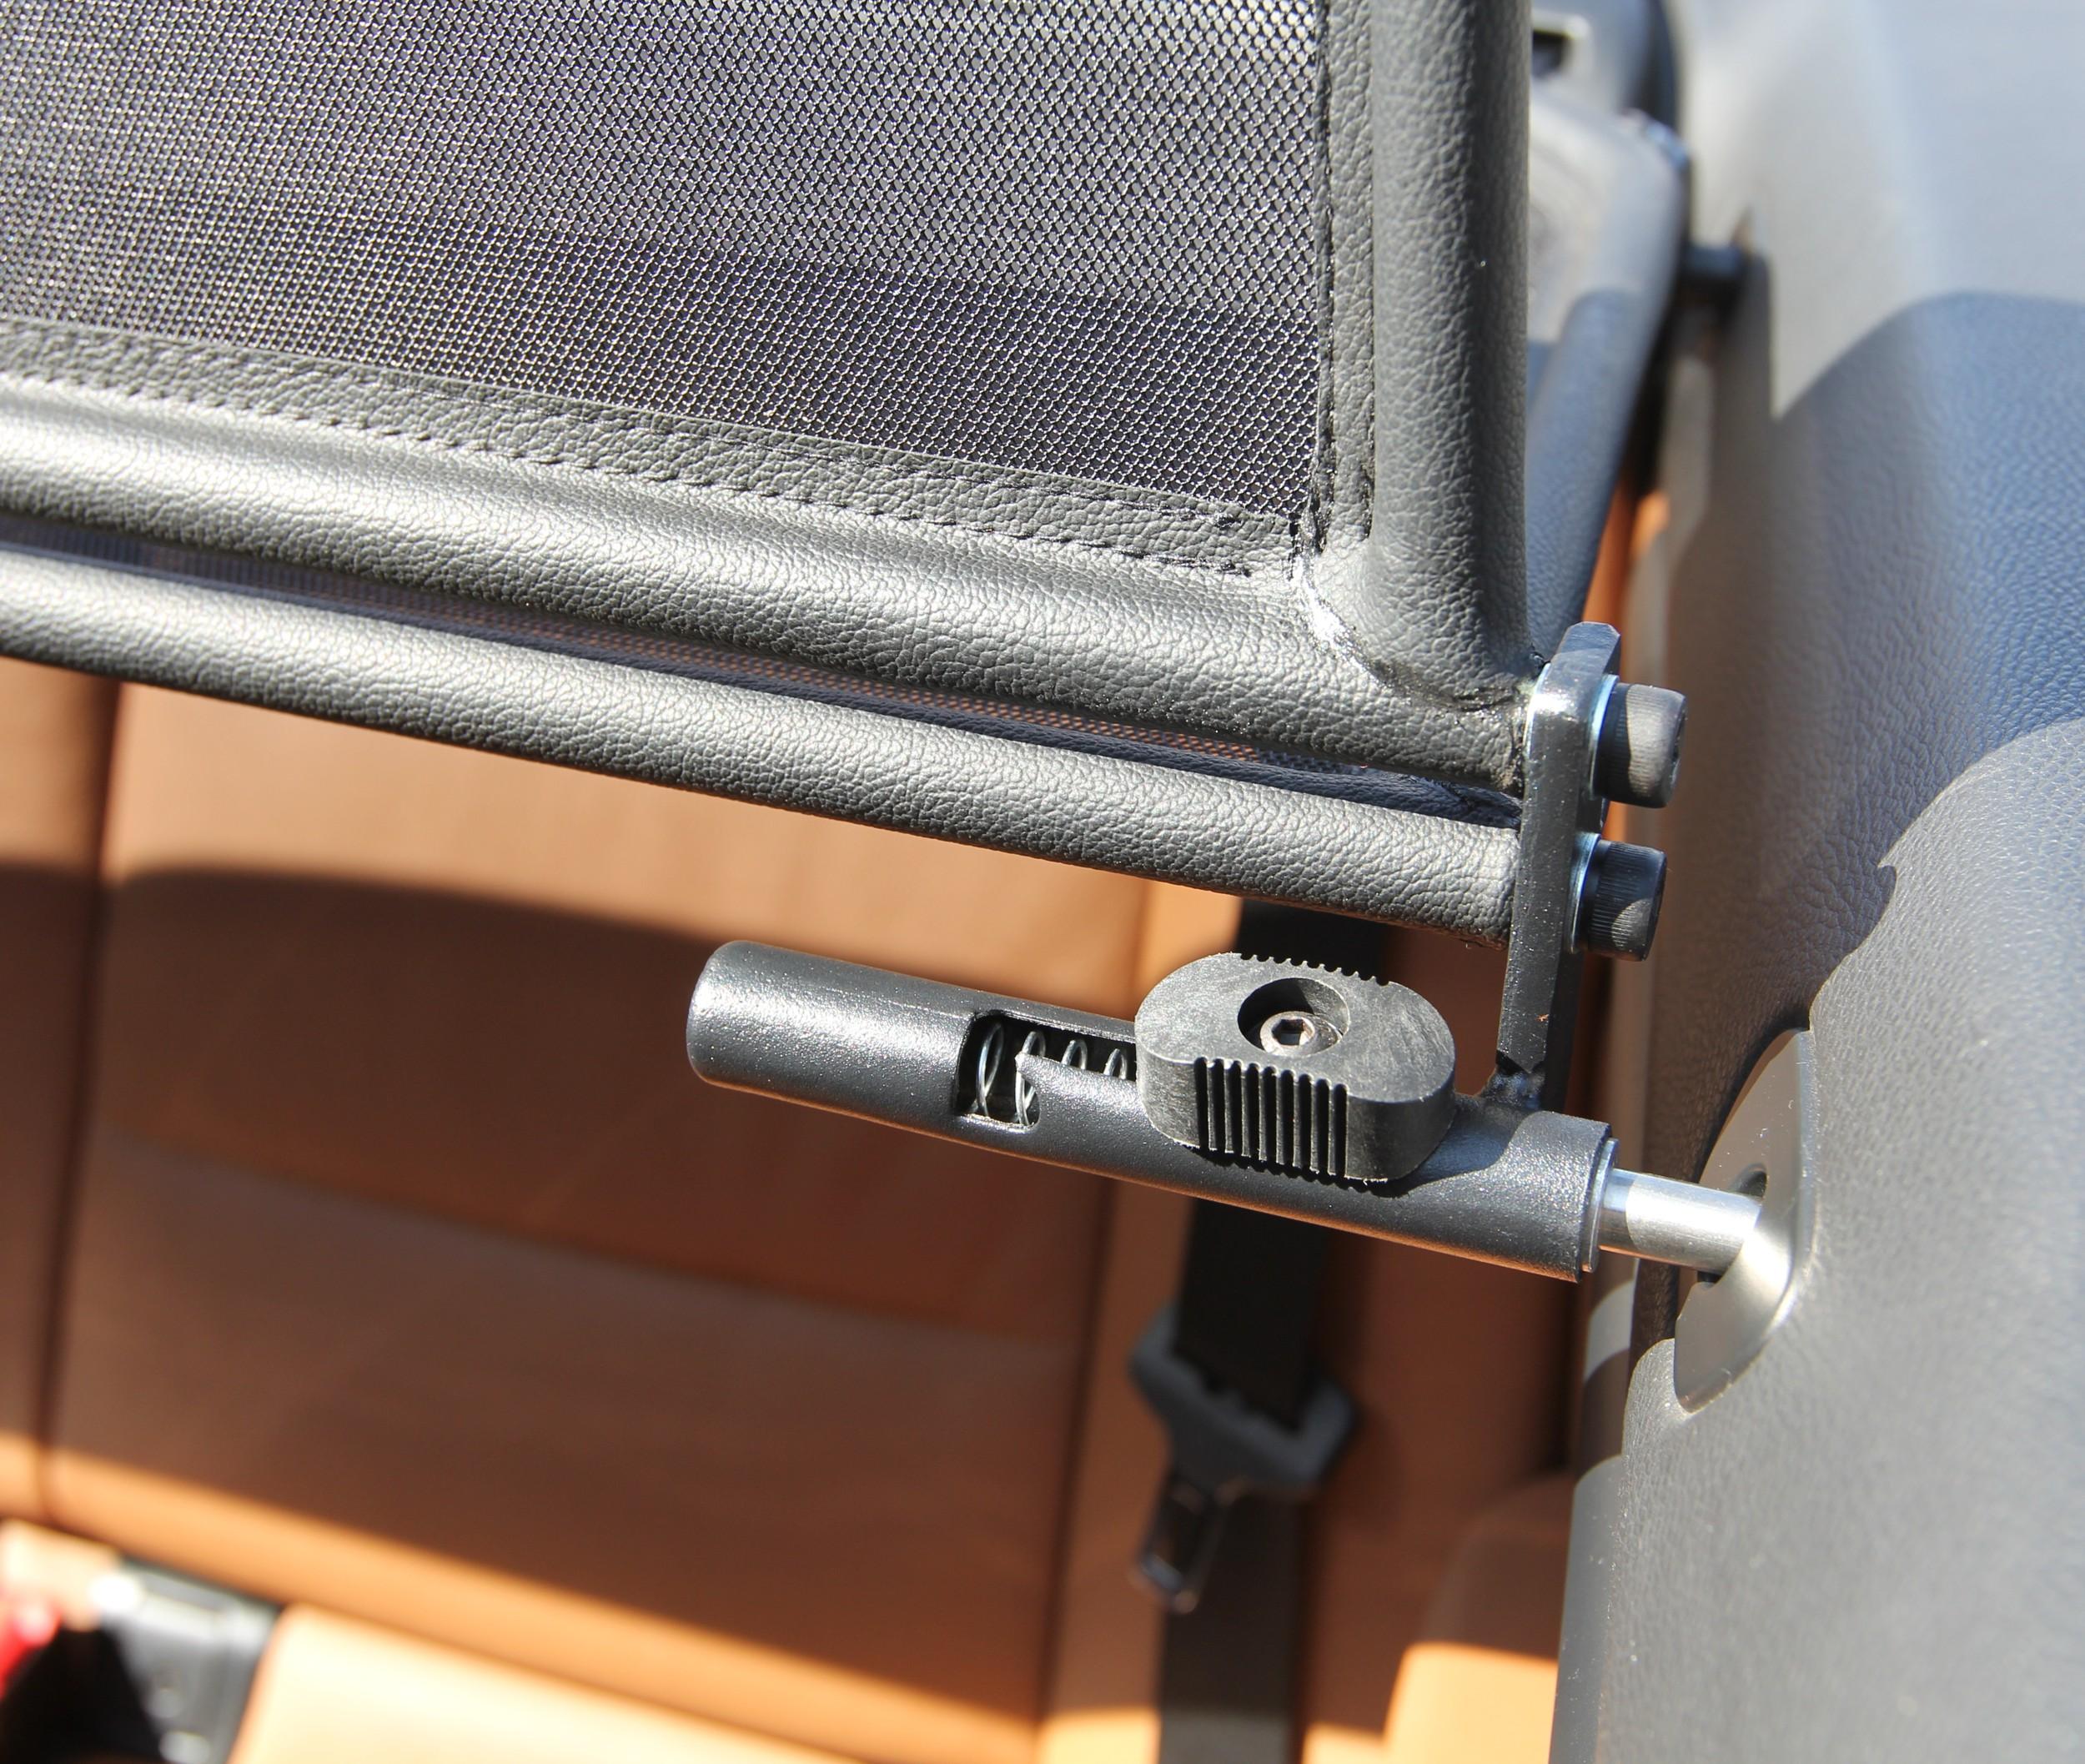 Kliksystem til vindskærm - montering